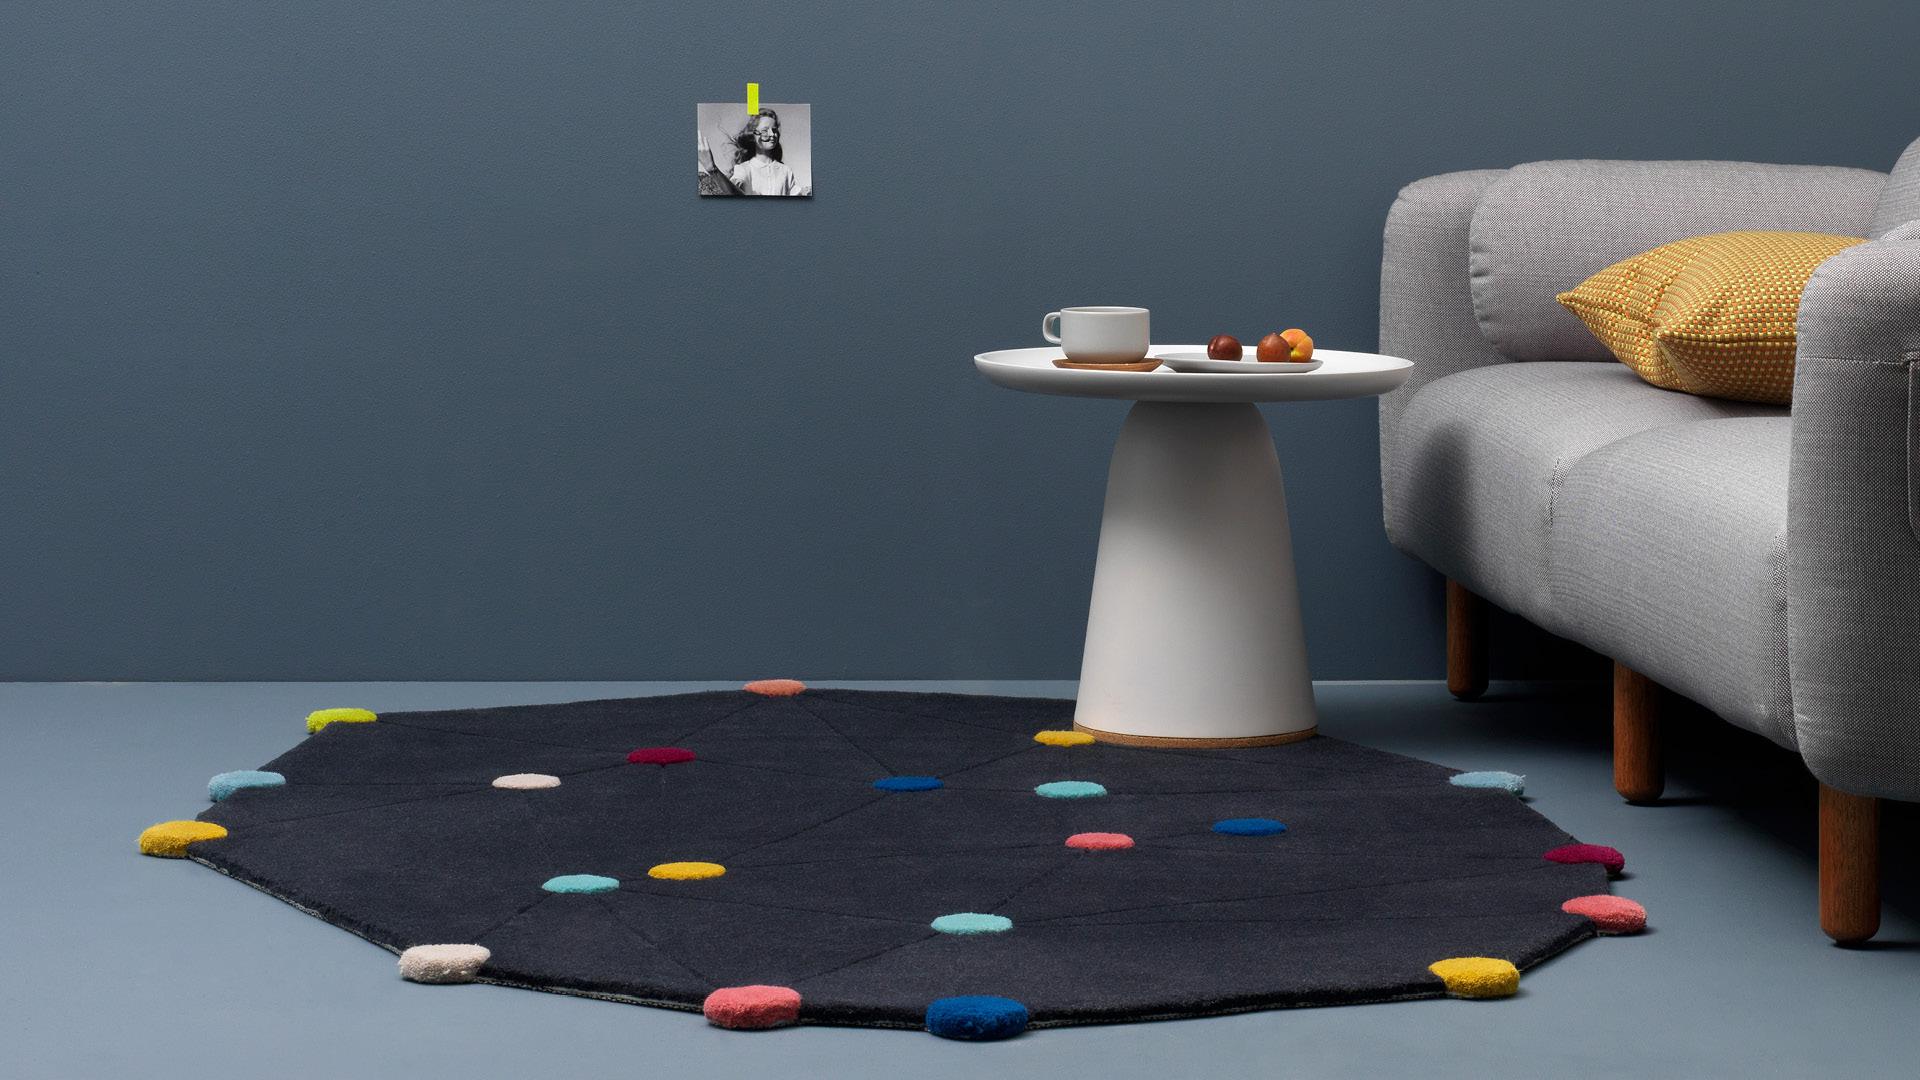 俏皮!趣味空间的漂亮功能边桌